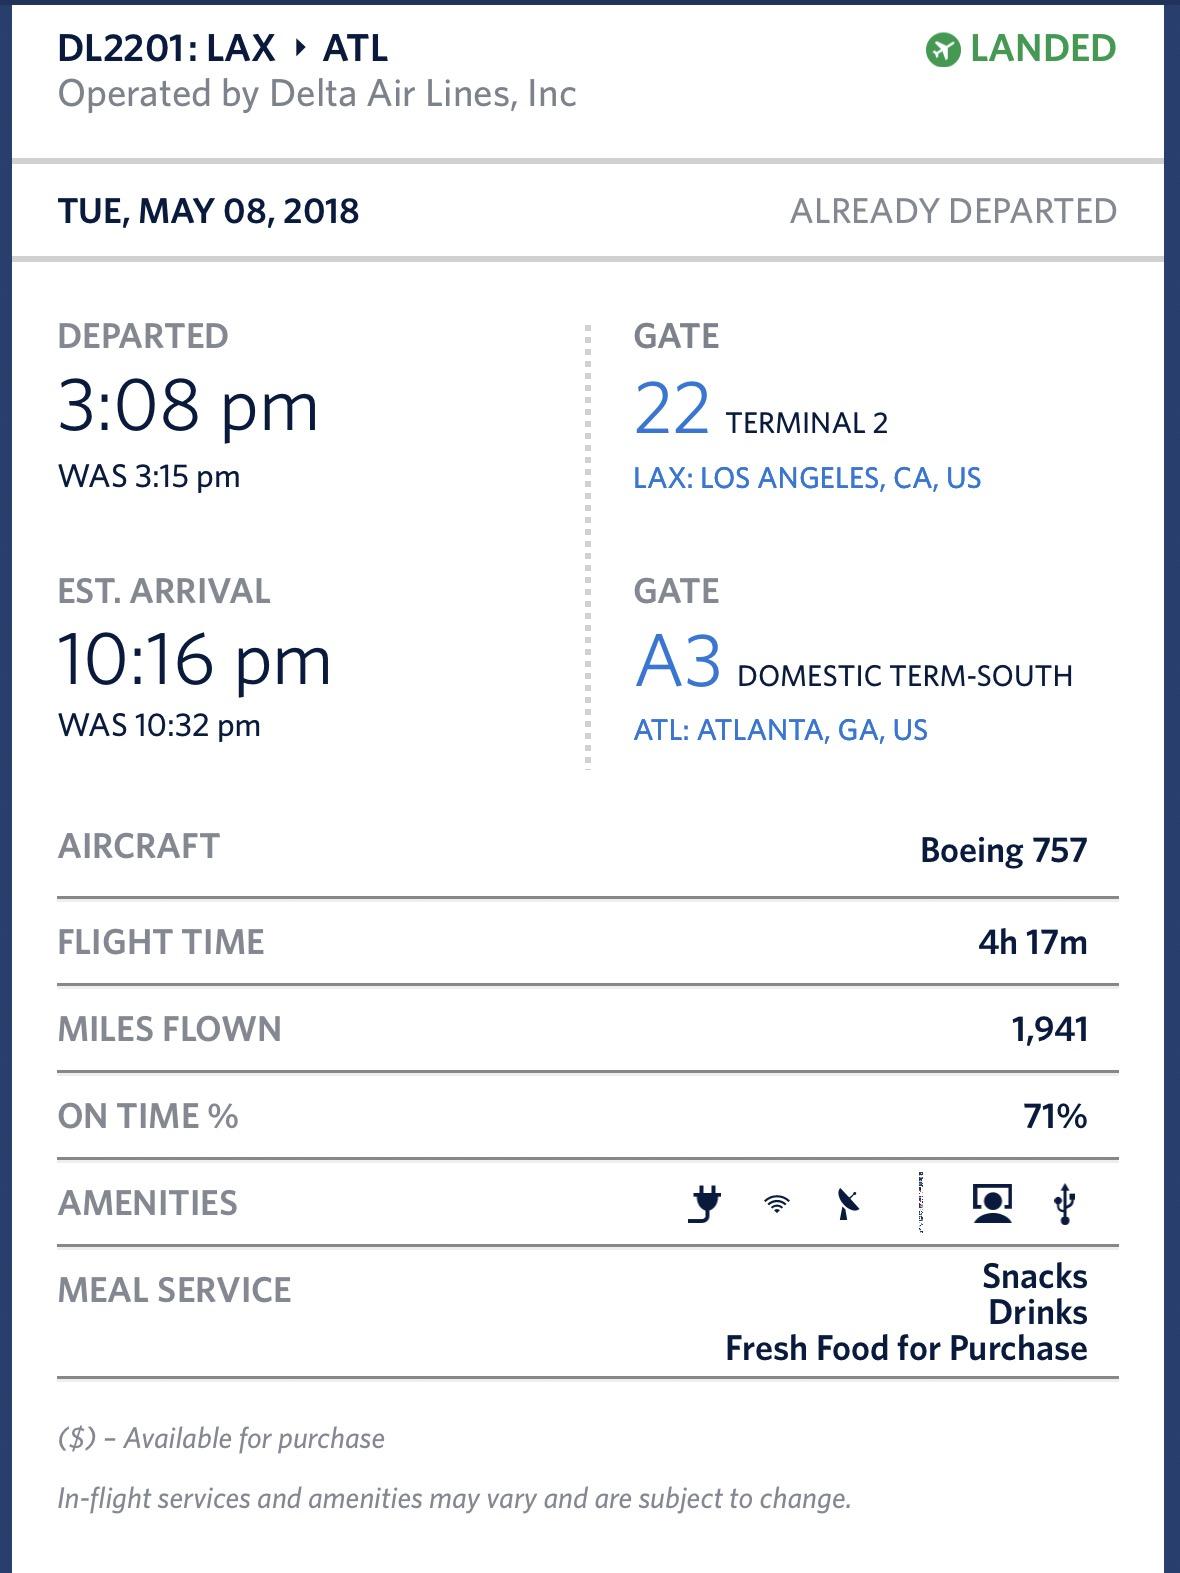 Early arrival into Atlanta.